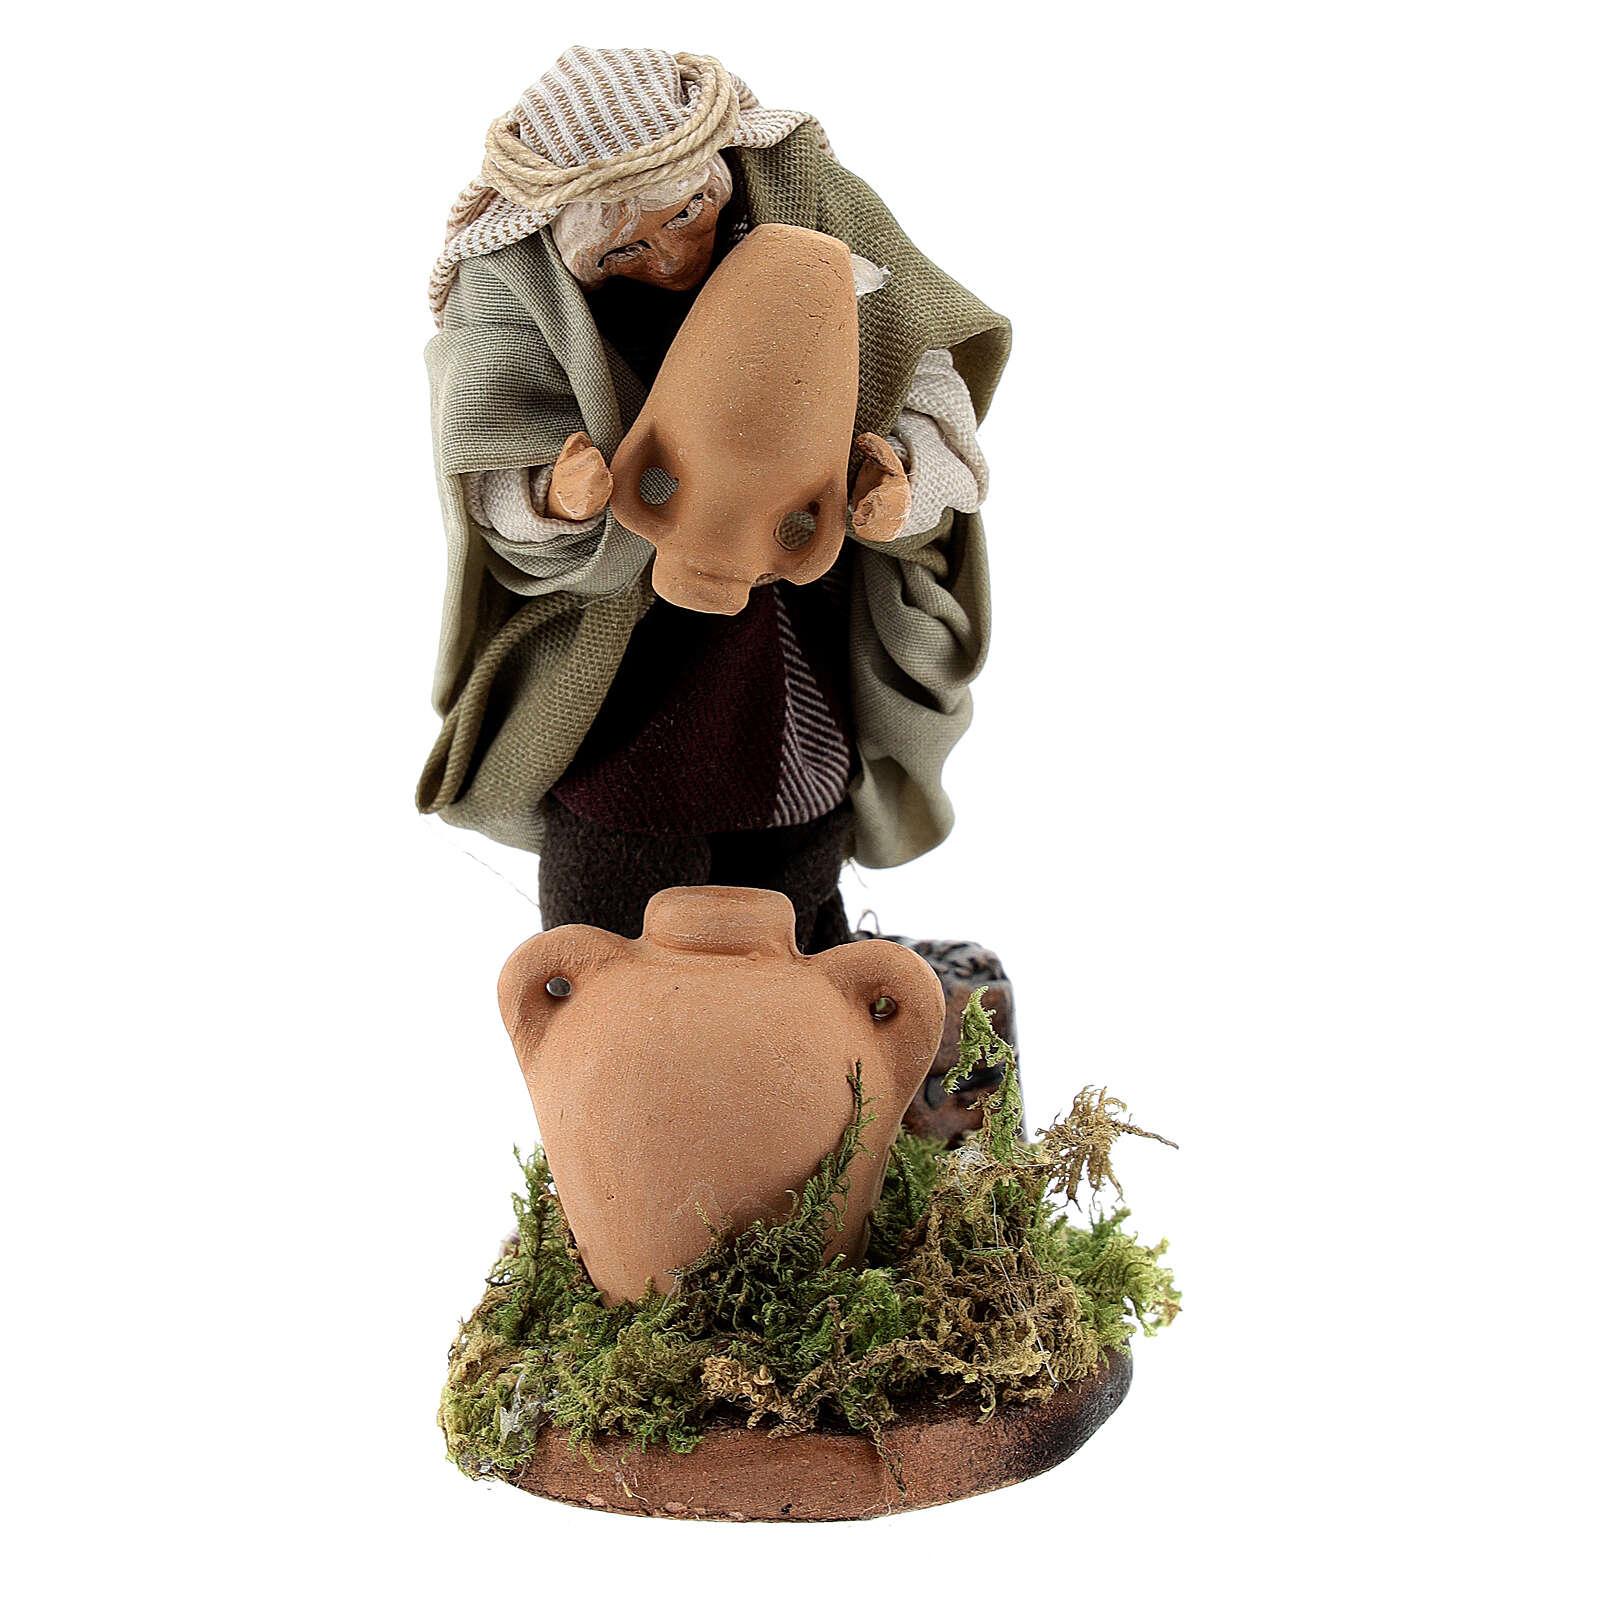 Hombre aguador ánforas terracota belén napolitano 8 cm 4